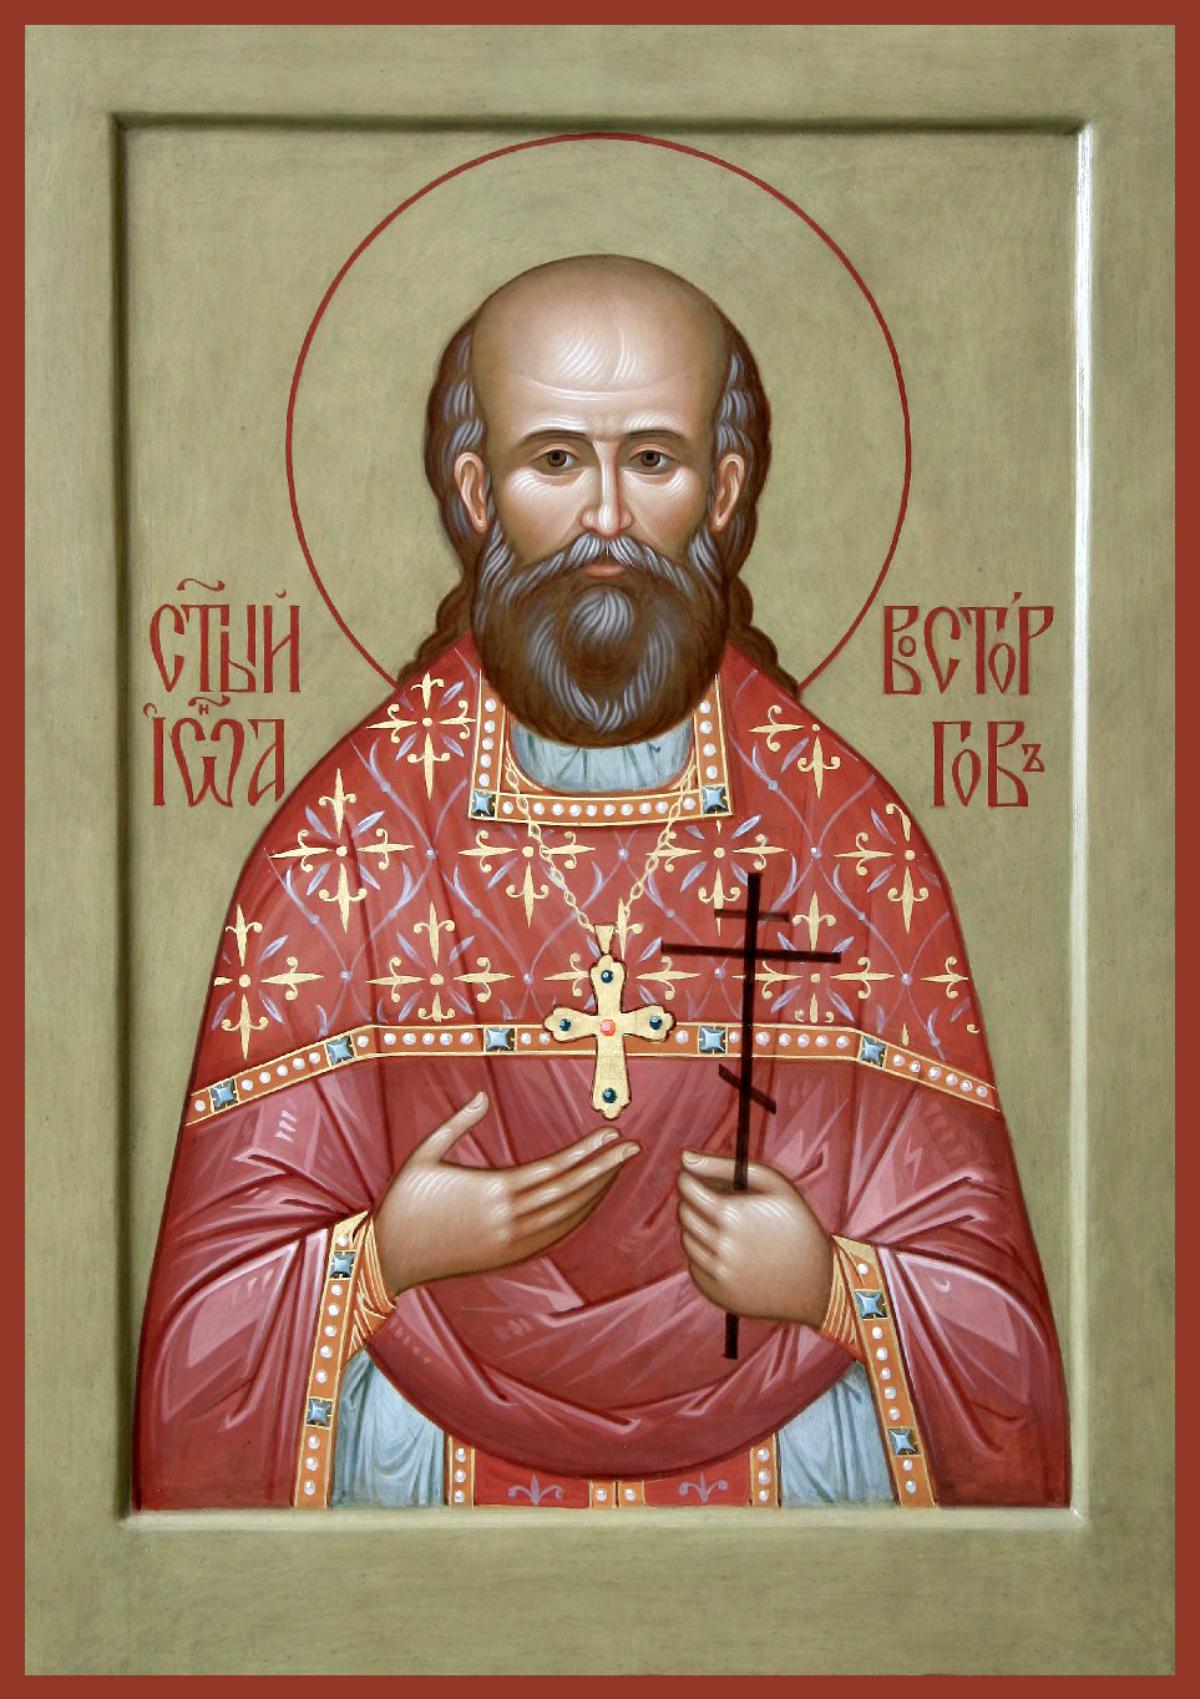 Престольный праздник храма — день памяти священномученика Иоанна Восторгова